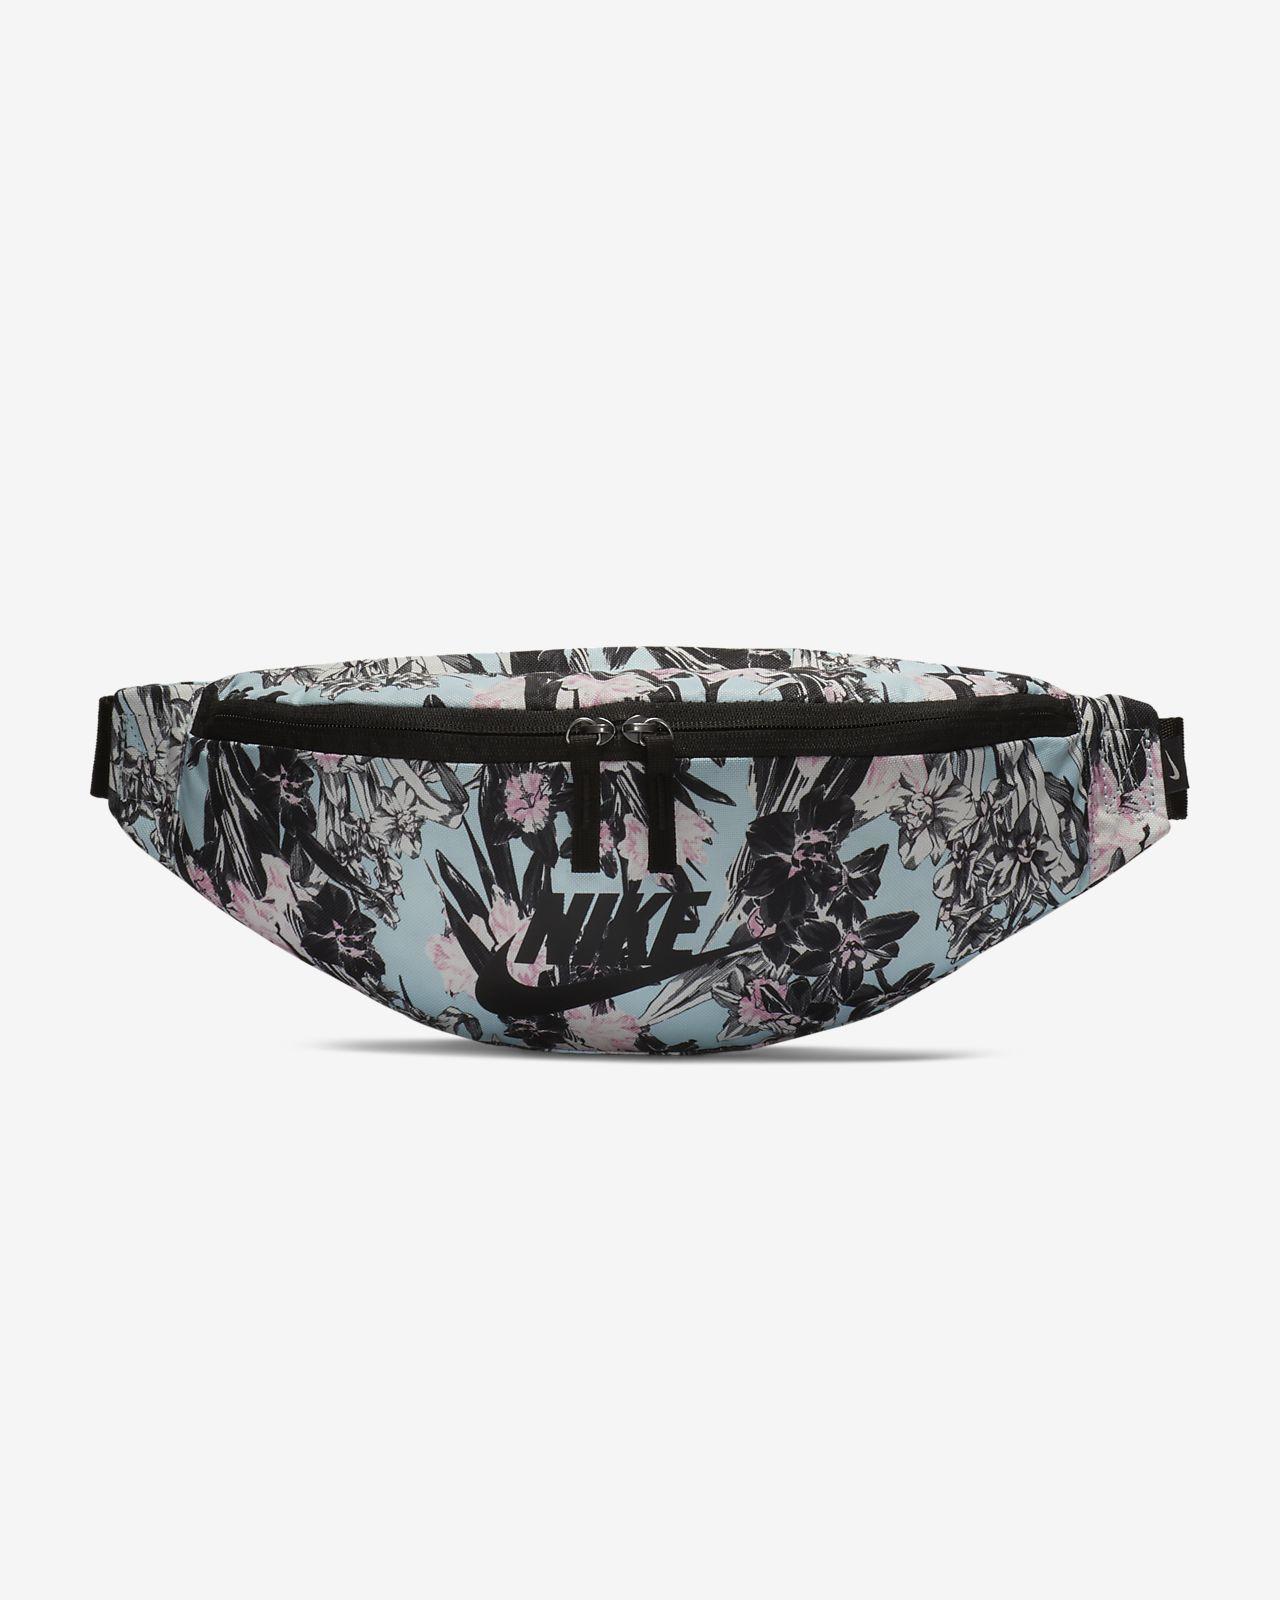 Bolsa de cintura Nike Heritage Floral